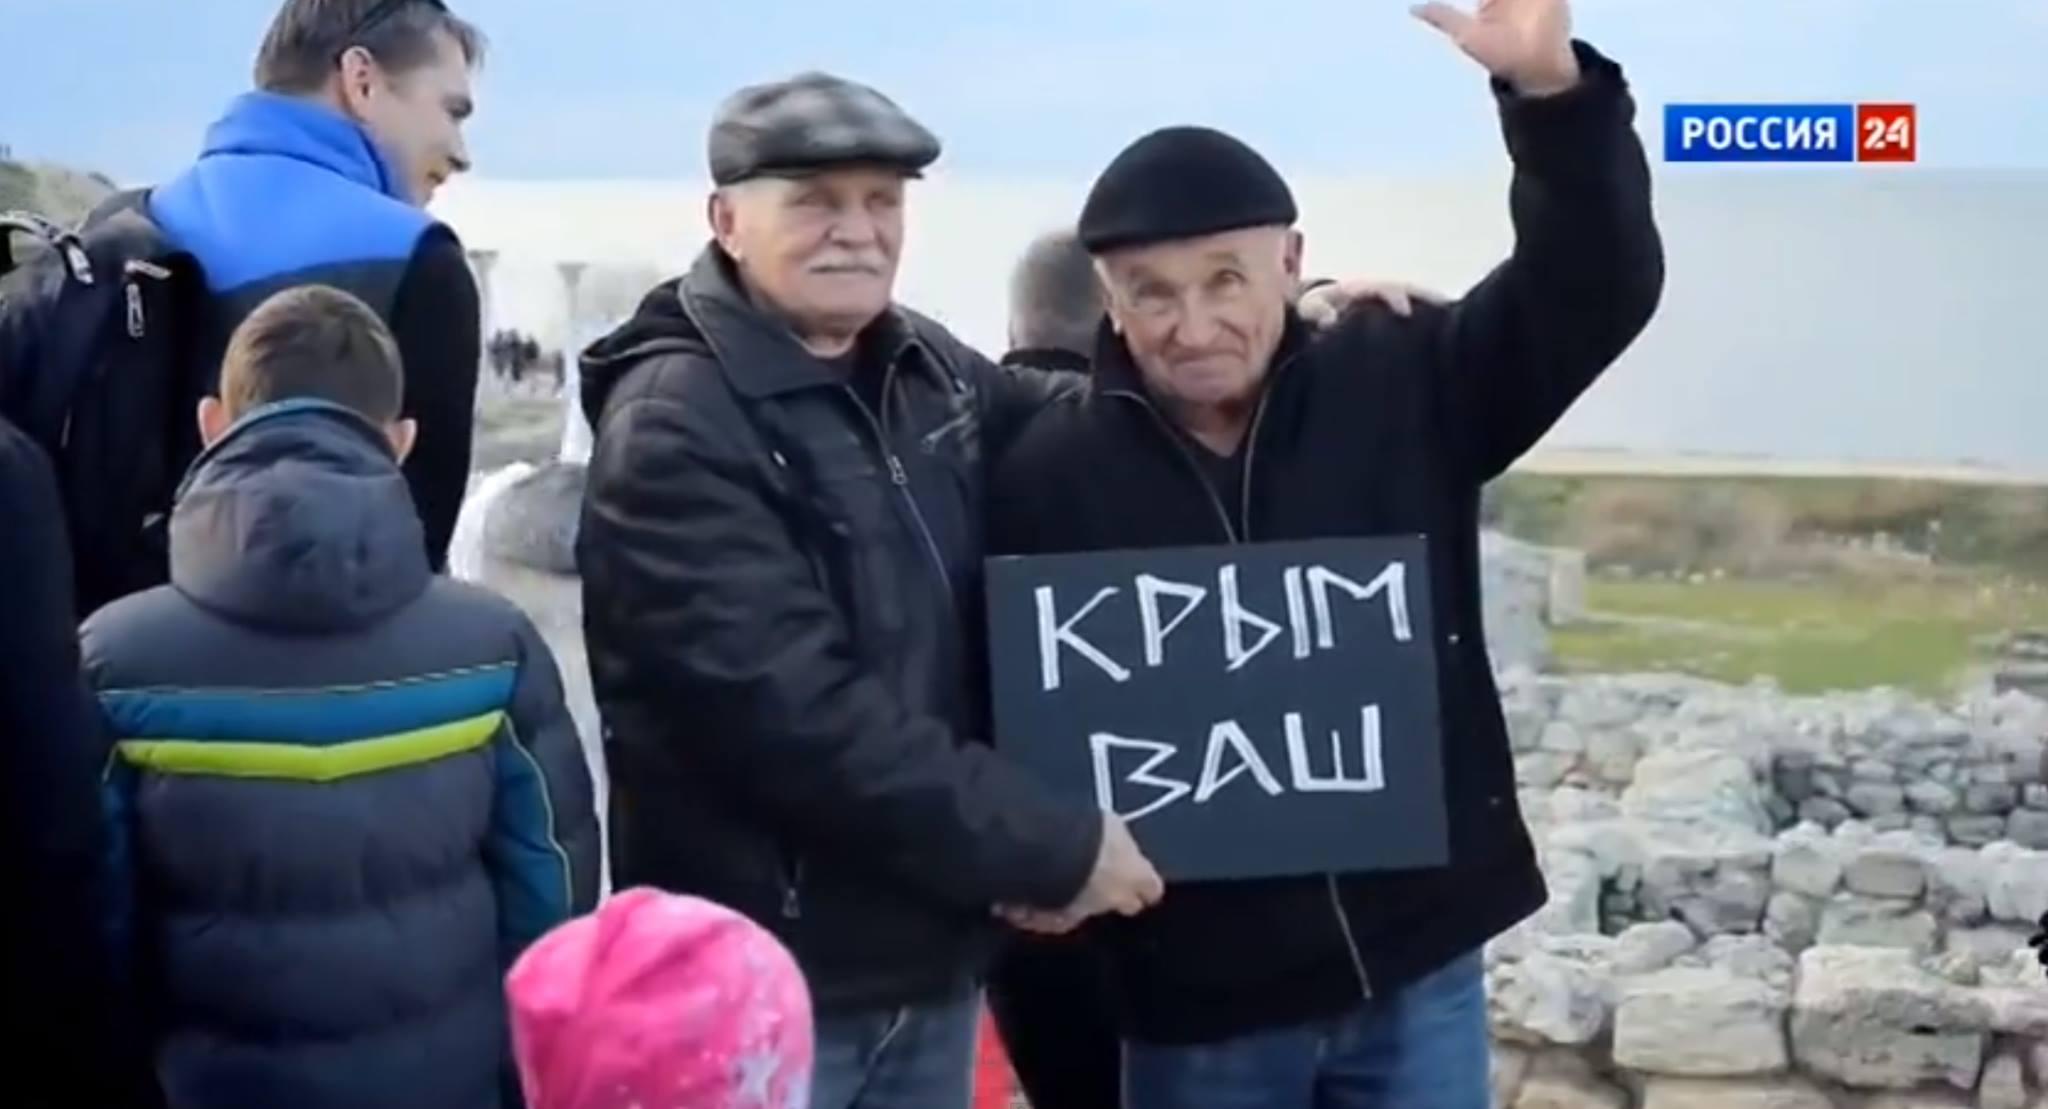 """Епічний заліт: У путінській рекламі про Крим """"засвітився"""" прапор України - фото 1"""